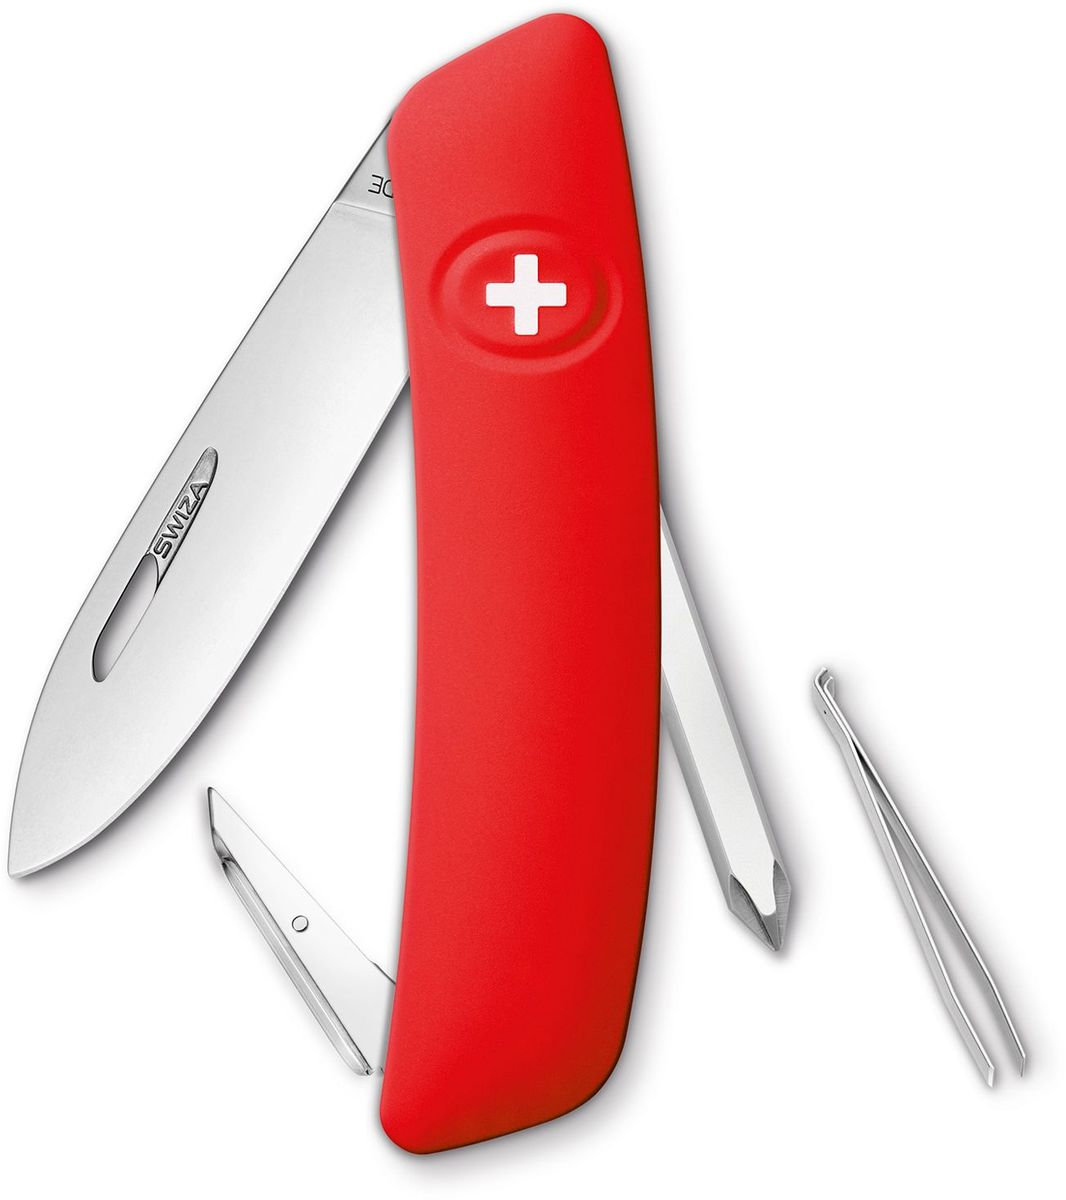 Нож швейцарский SWIZA D02, цвет: красный, длина клинка 7,5 смCS/20PBSZ Швейцарский нож (SWIZA D02) с его революционной формой и безопасной рукояткой, легко раскладываемой ручкой - самый удобный и простой в использовании швейцарский нож на все времена. Эргономично изогнутая форма ножа обеспечивает более легкий доступ к инструментам, а пазы позволяют легко их открывать, как левой, так и правой рукой. Пожизненная гаратния на ножи SWIZA обеспечивают долговременное использование1. нож перочинный ,2. отвертка Phillips , 3. ример/дырокол4. шило, 5. безопасная блокировка лезвий,6. пинцет